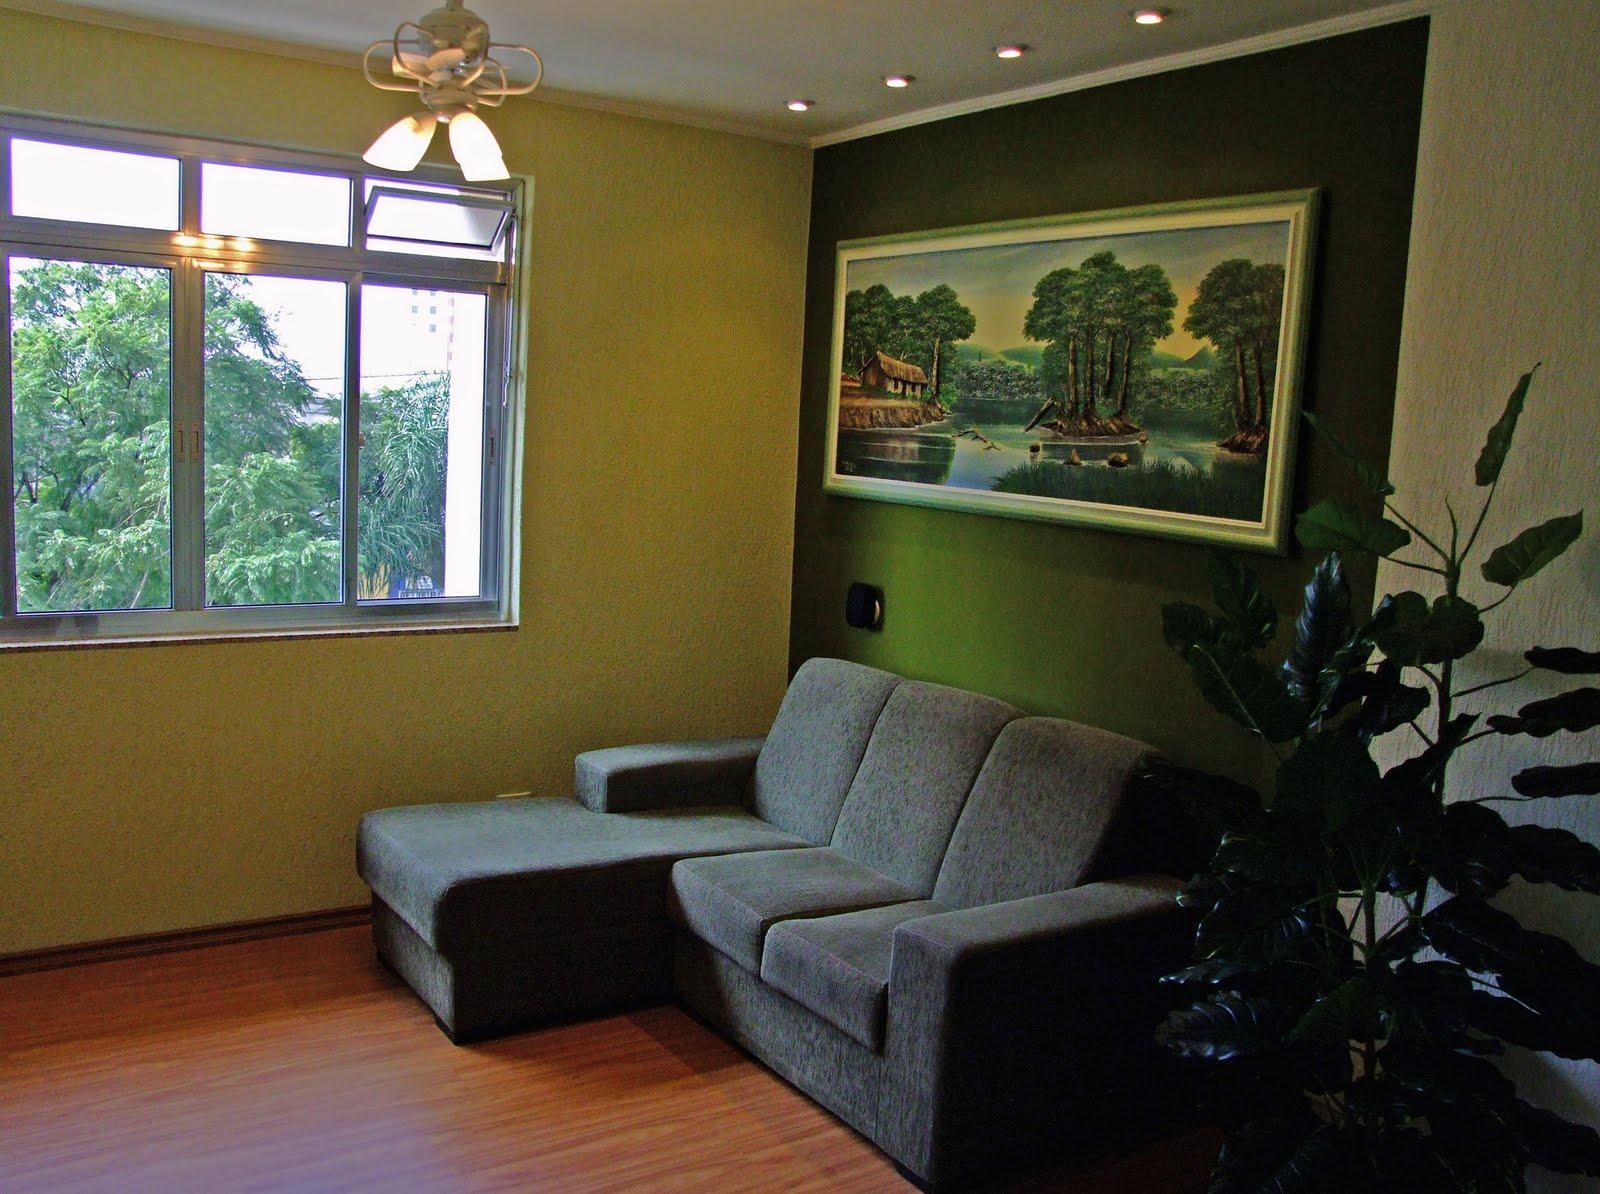 #684722 decoracao de sala simples e aconchegante:Sala de Estar – Simples e  1600x1194 píxeis em Decoração Sala De Estar Rack